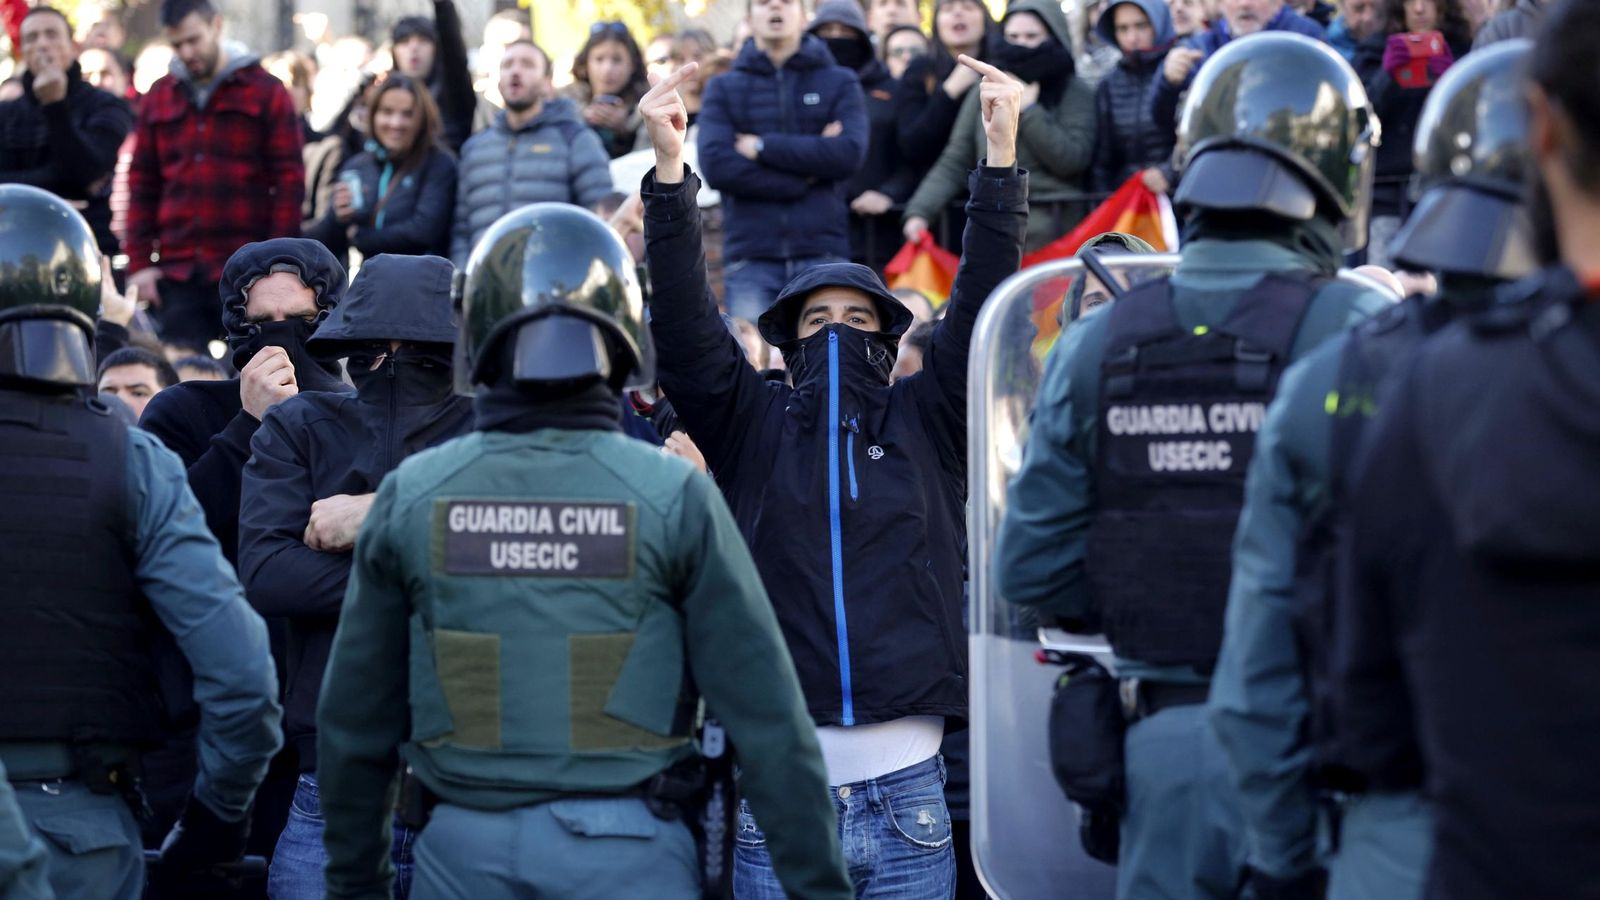 Foto: La Guardia Civil en Navarra. (EFE)